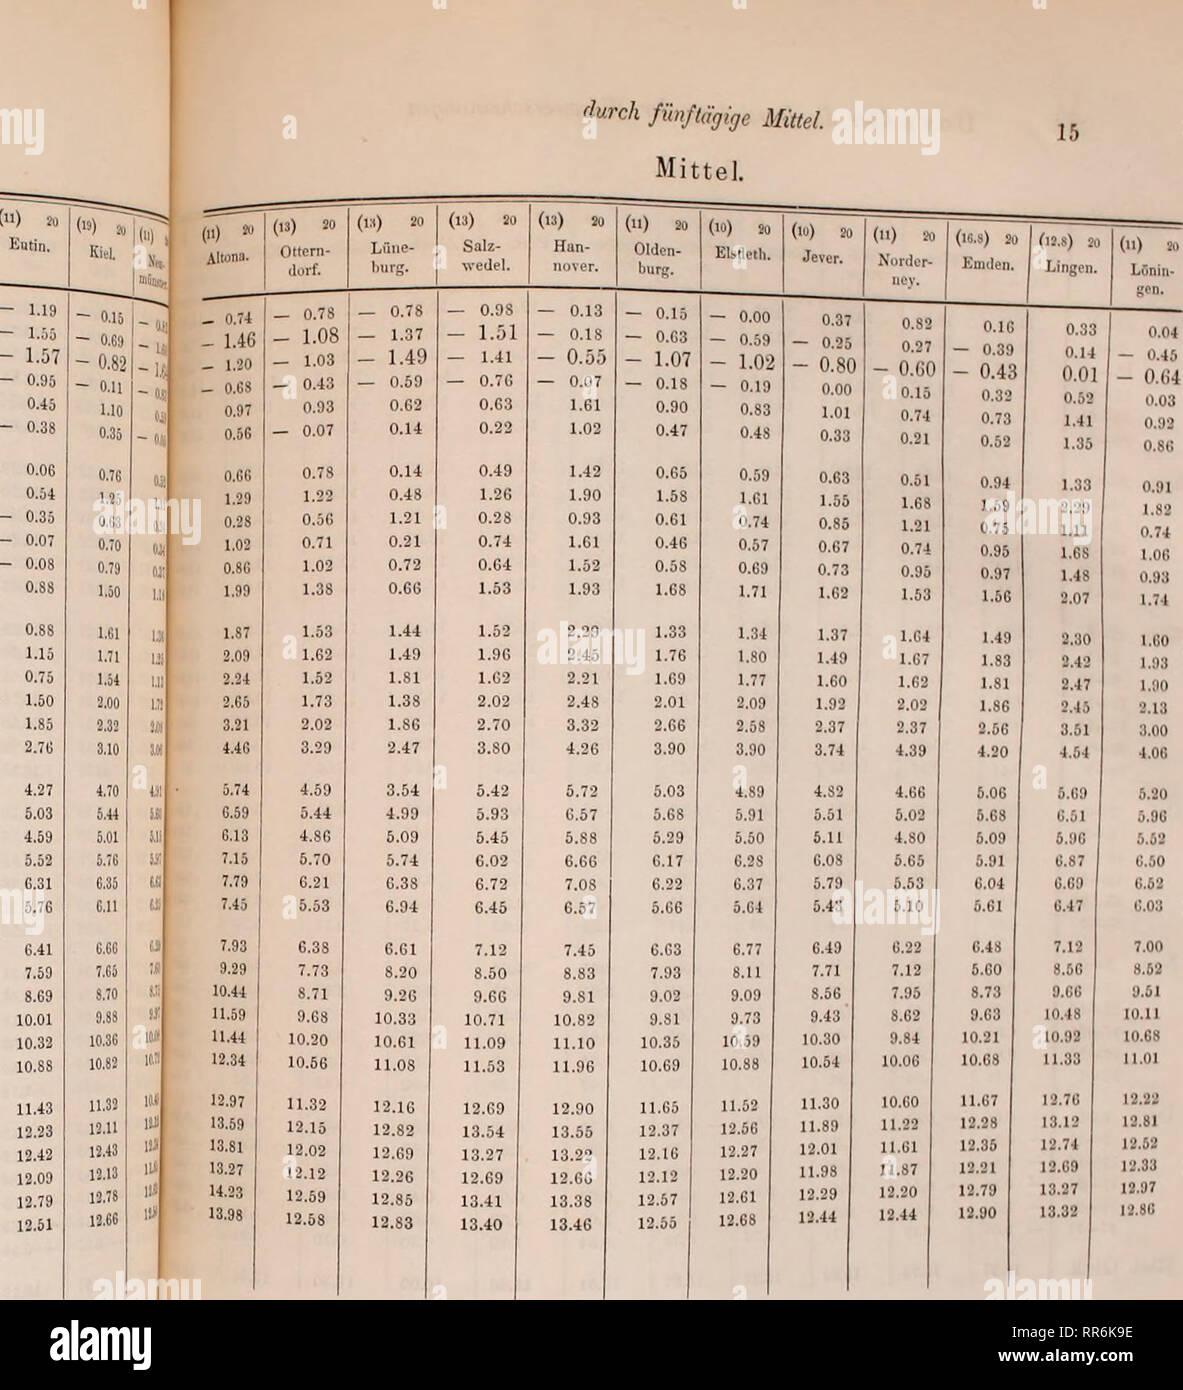 . Abhandlungen der Königlichen Akademie der Wissenschaften in Berlin. Science. 14 Do ve über die Darstellung der Würmeerscheinungen Mittel. durch fünftägige Mittel. Mittel. — 20 (17) 10 (16) SO (li) 20 (15.S) 20 (15) 20 (14) 20 20 ( Hinriohs- liagcn. l'utbus. Wu- Rostock. Schwe- SchSn- Pocl. Lübeck. Jan. 1—5 — 2.07 — 1.21 — 0.68 — 0.72 — 1.01 — 0.62 — 1.07 — 1.01 6—10 — 2.39 — 1.66 - 1.54 - 1.28 - 1.88 — 1.53 — 1.58 — 1.51 11 — 15 - 2.54 - 1.67 — 1.48 — 1.25 — 1.80 - 1.61 - 1.68 — 1.82 IG—20 — 2.05 — 1.29 — 1.19 — 0.68 — 0.88 — 0.G1 — 0.99 — 0.79 21—25 — 0.45 — 0.26 0.01 0.57 0.25 0.63 0.43 0. - Stock Image